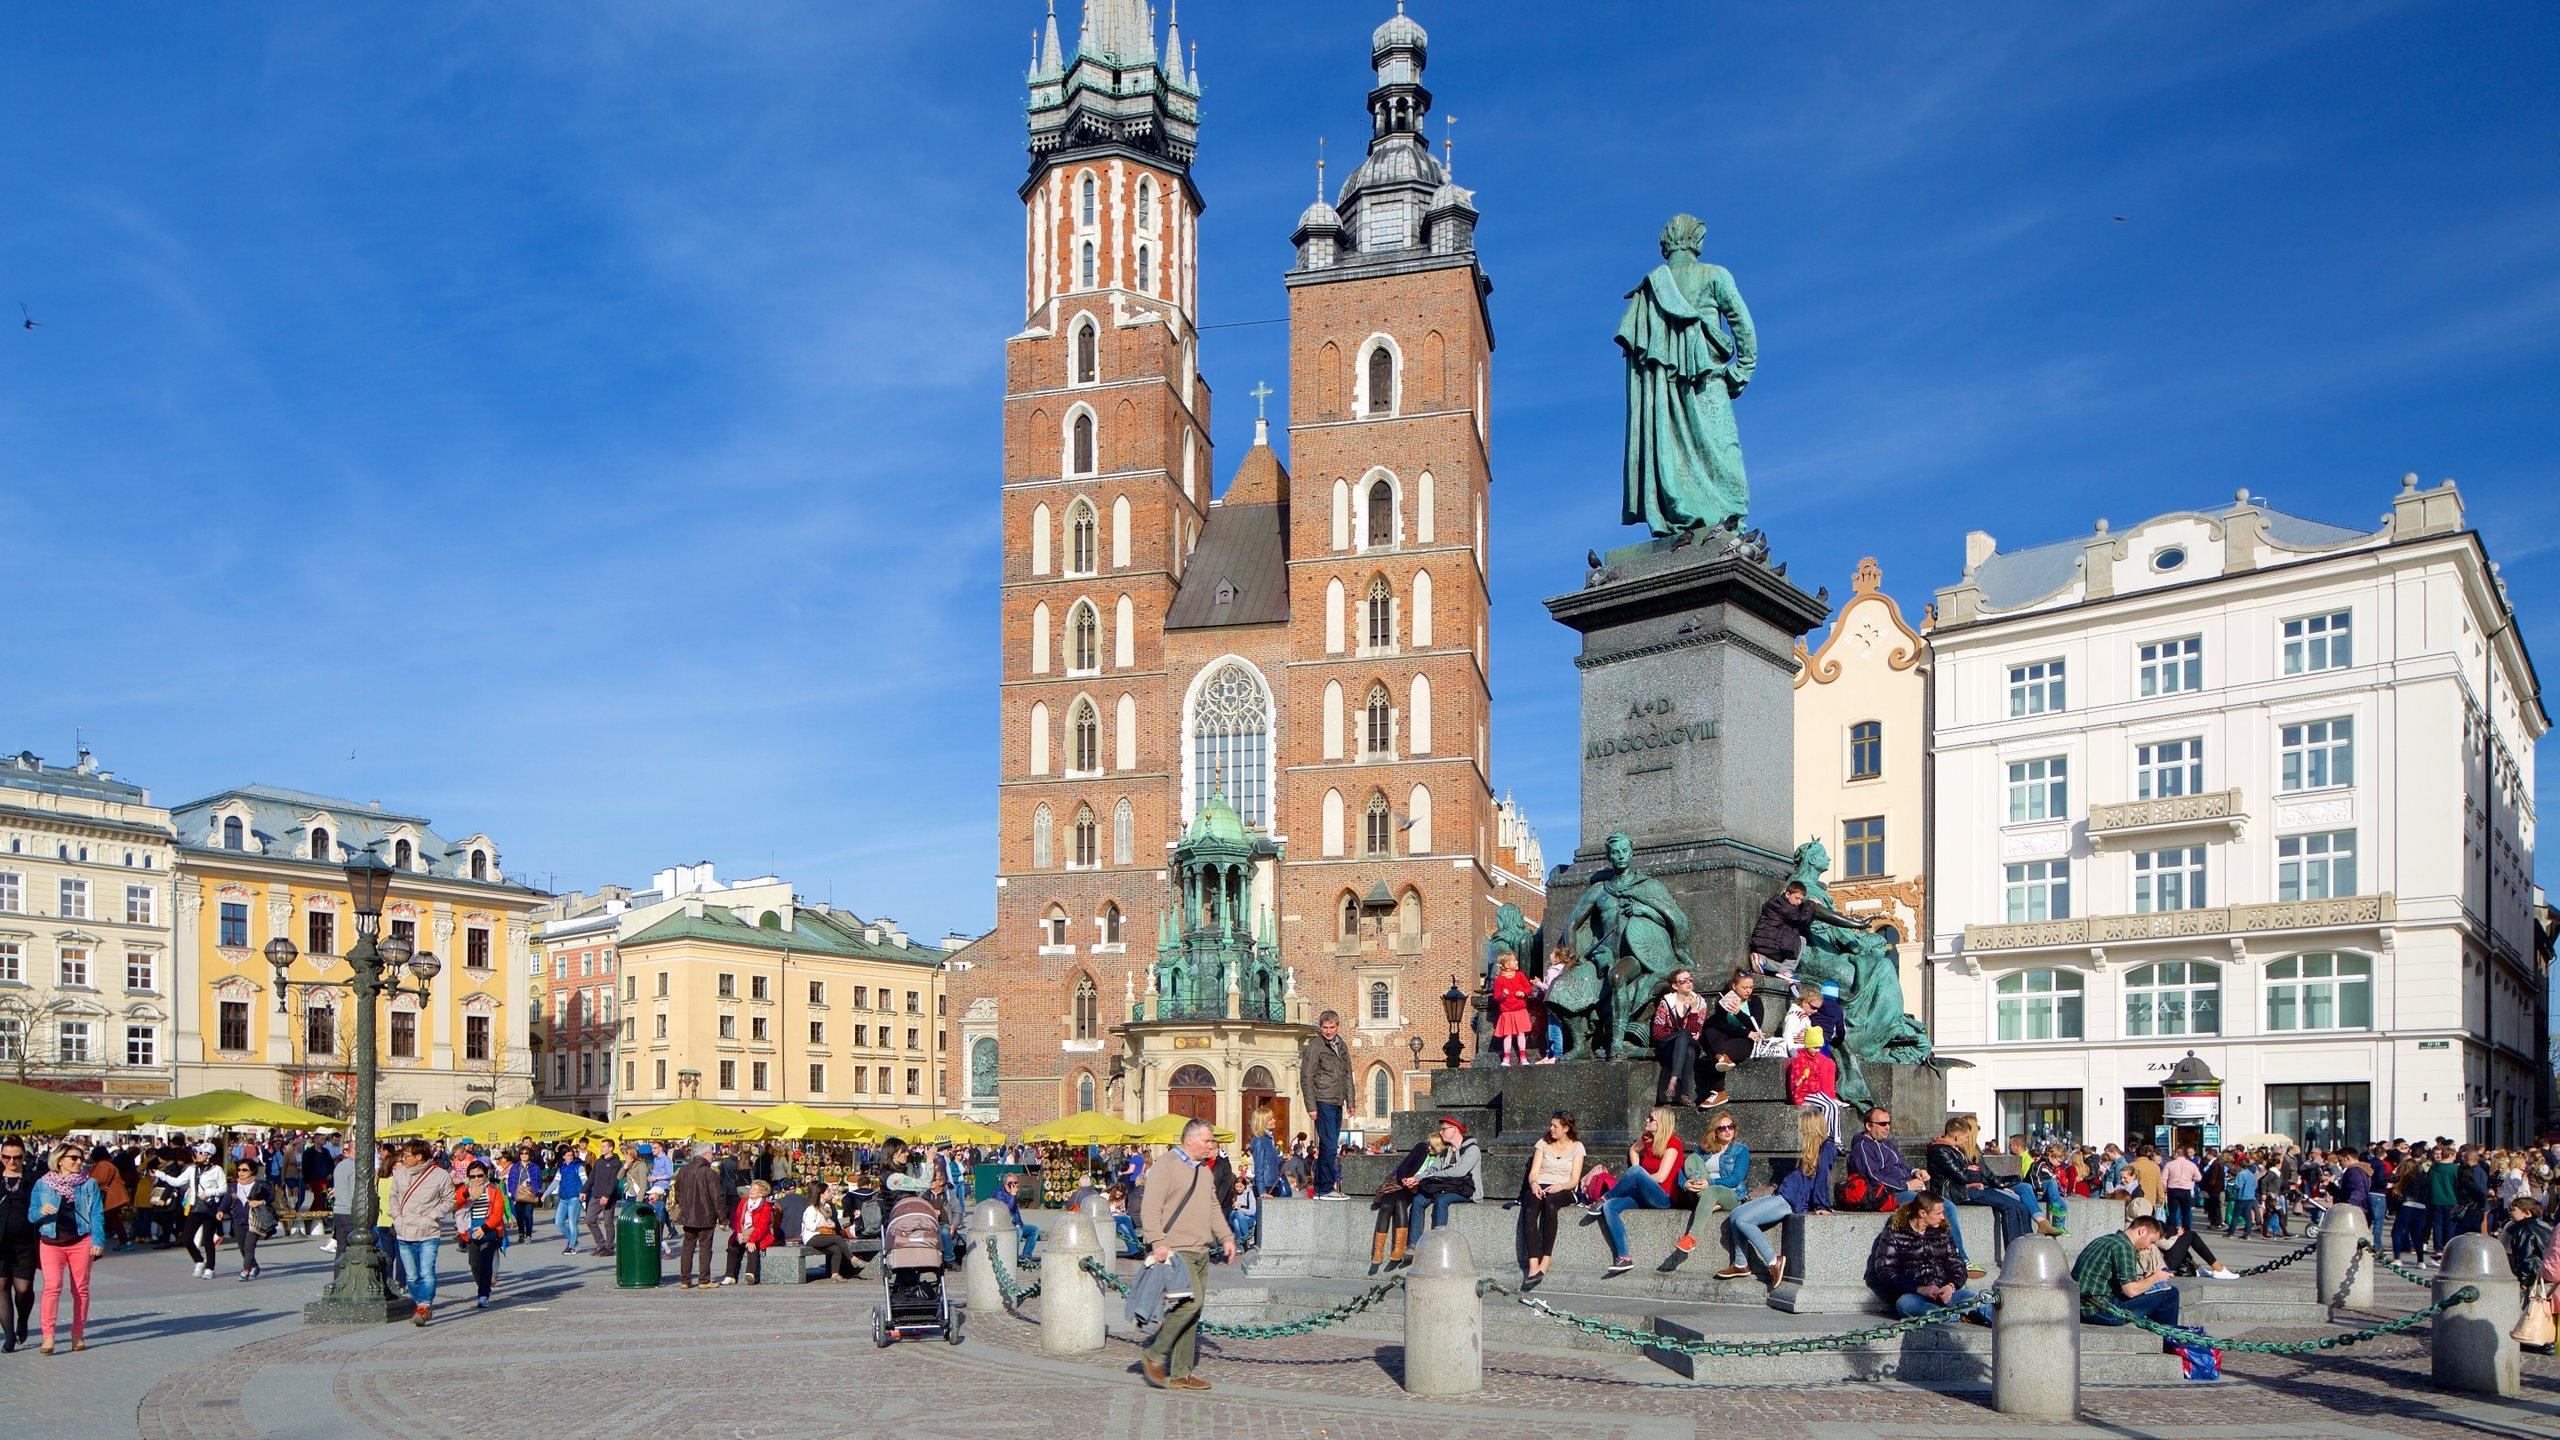 Ontdek de vele legendes over deze gotische kerk en bekijk het prachtige 15e-eeuwse altaar in deze kleurrijke kerk.